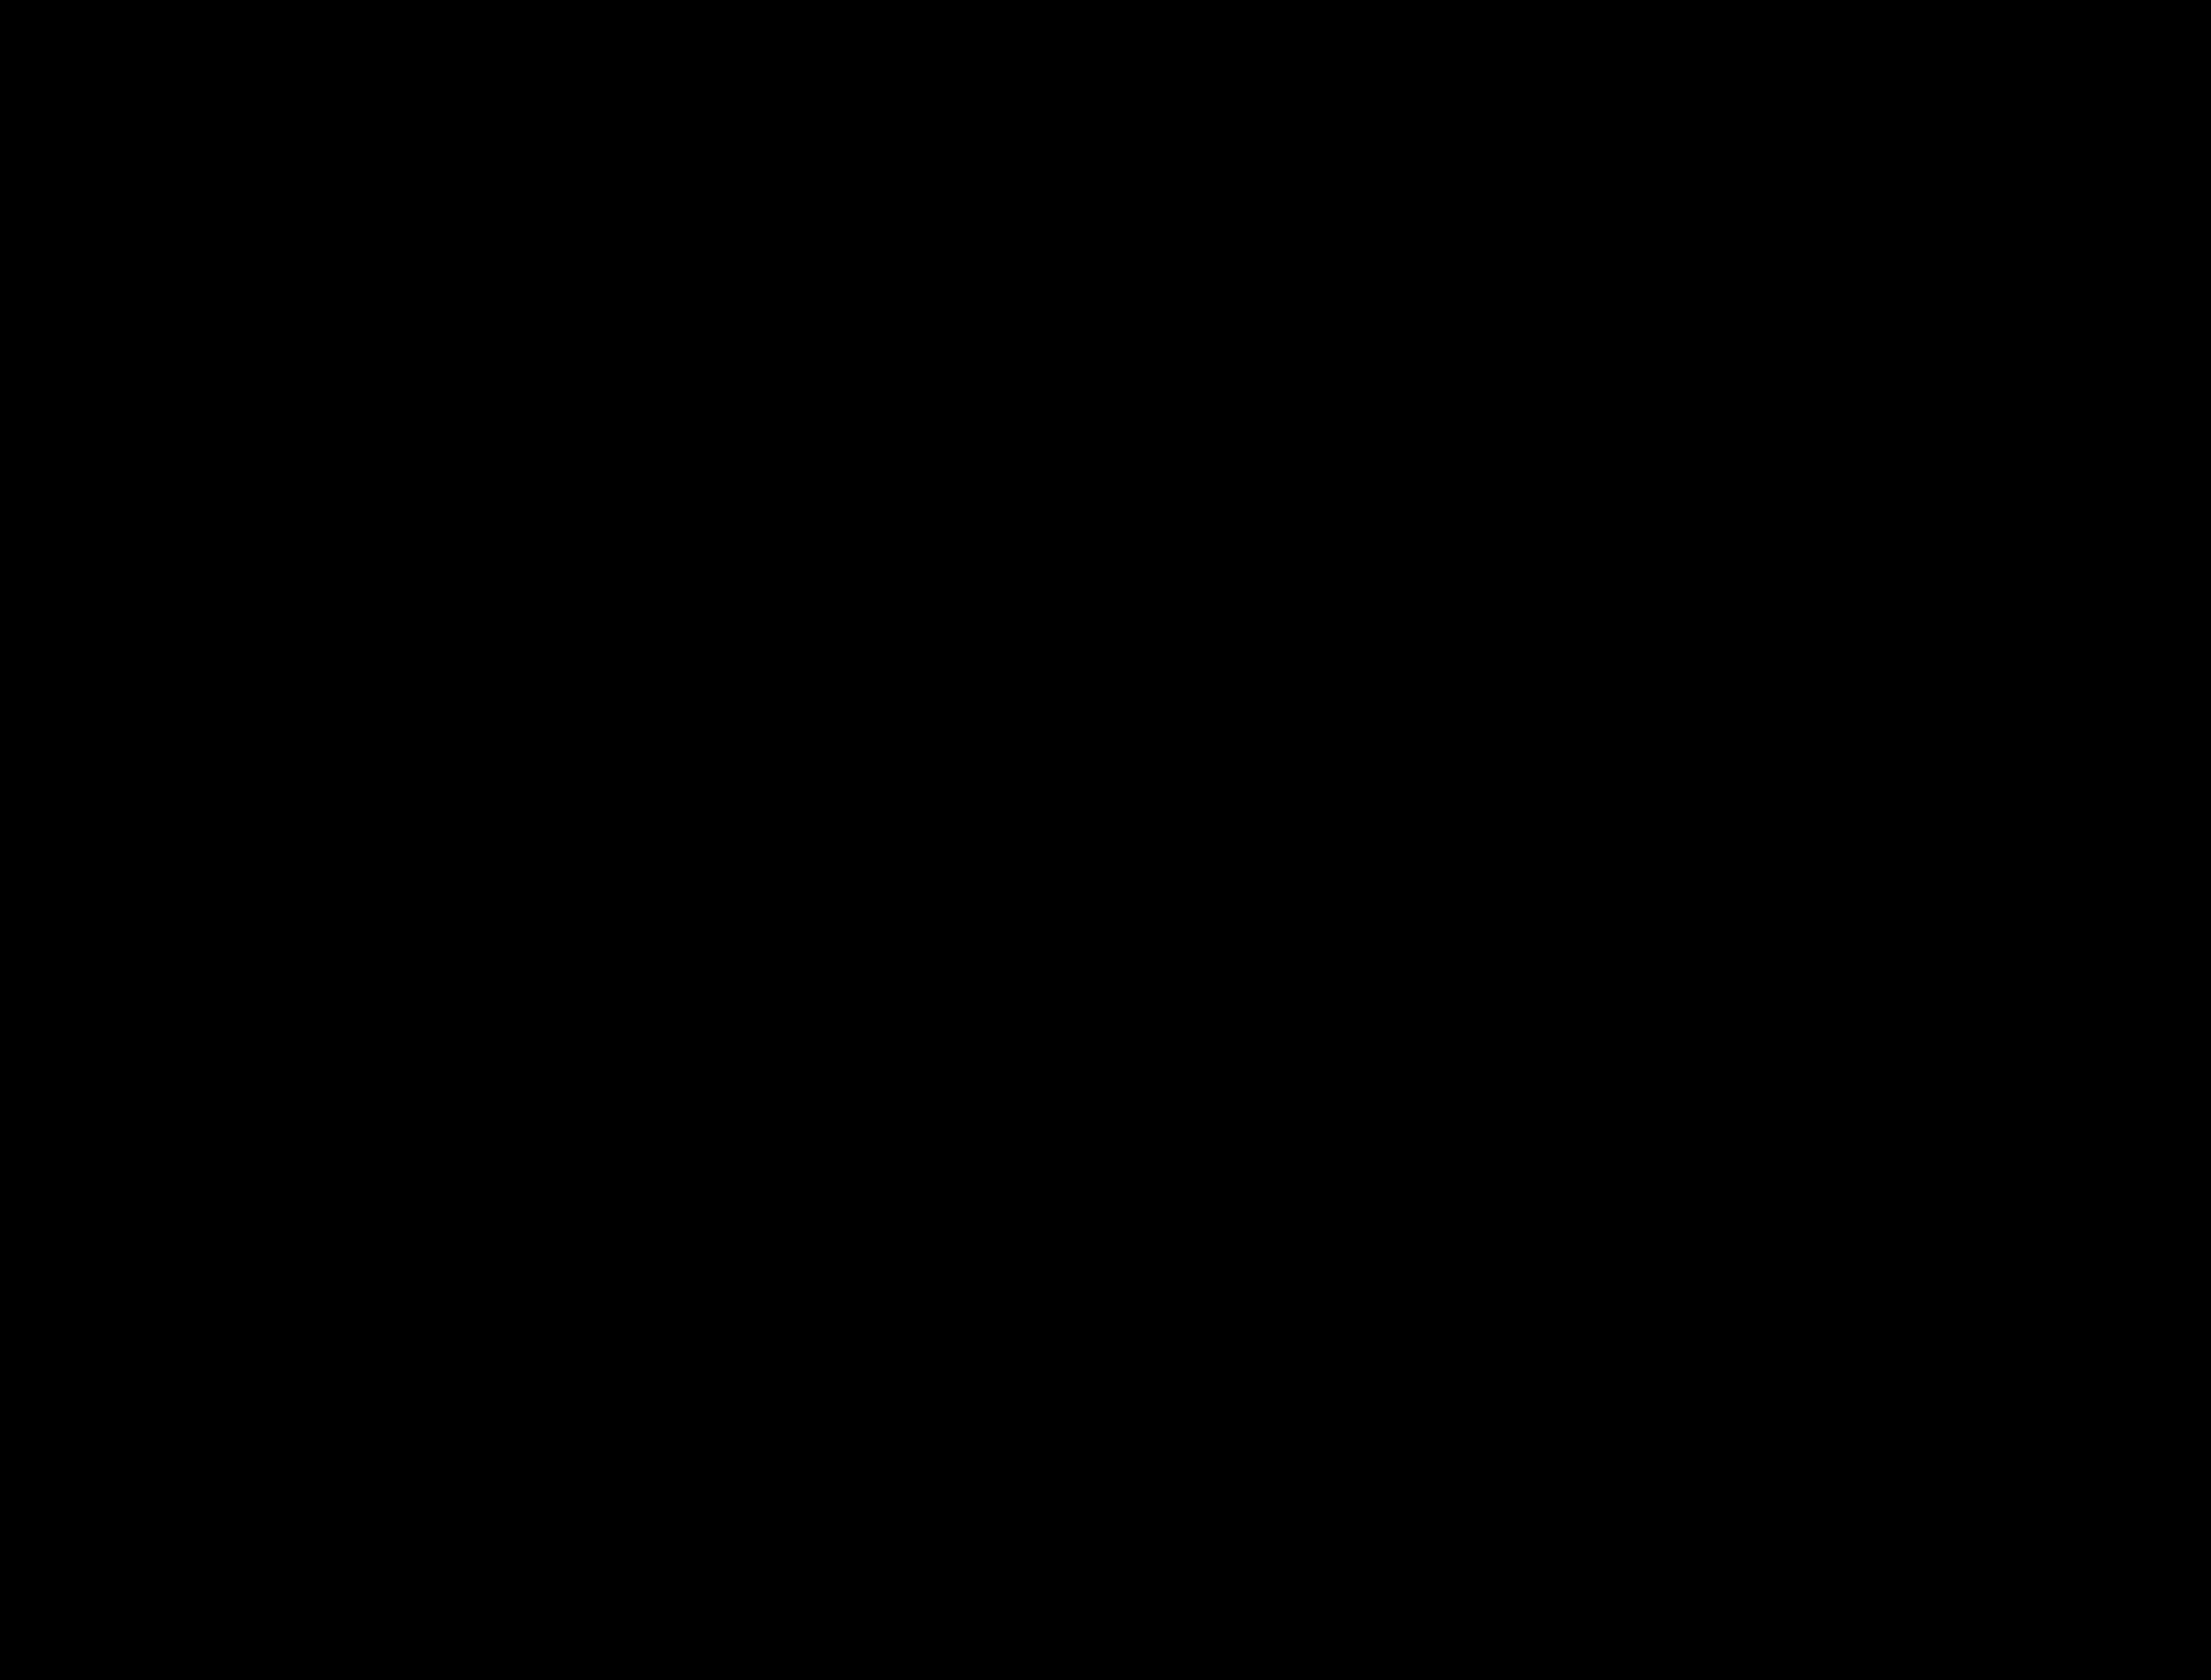 C191PA07-10_C191VE01-30_04